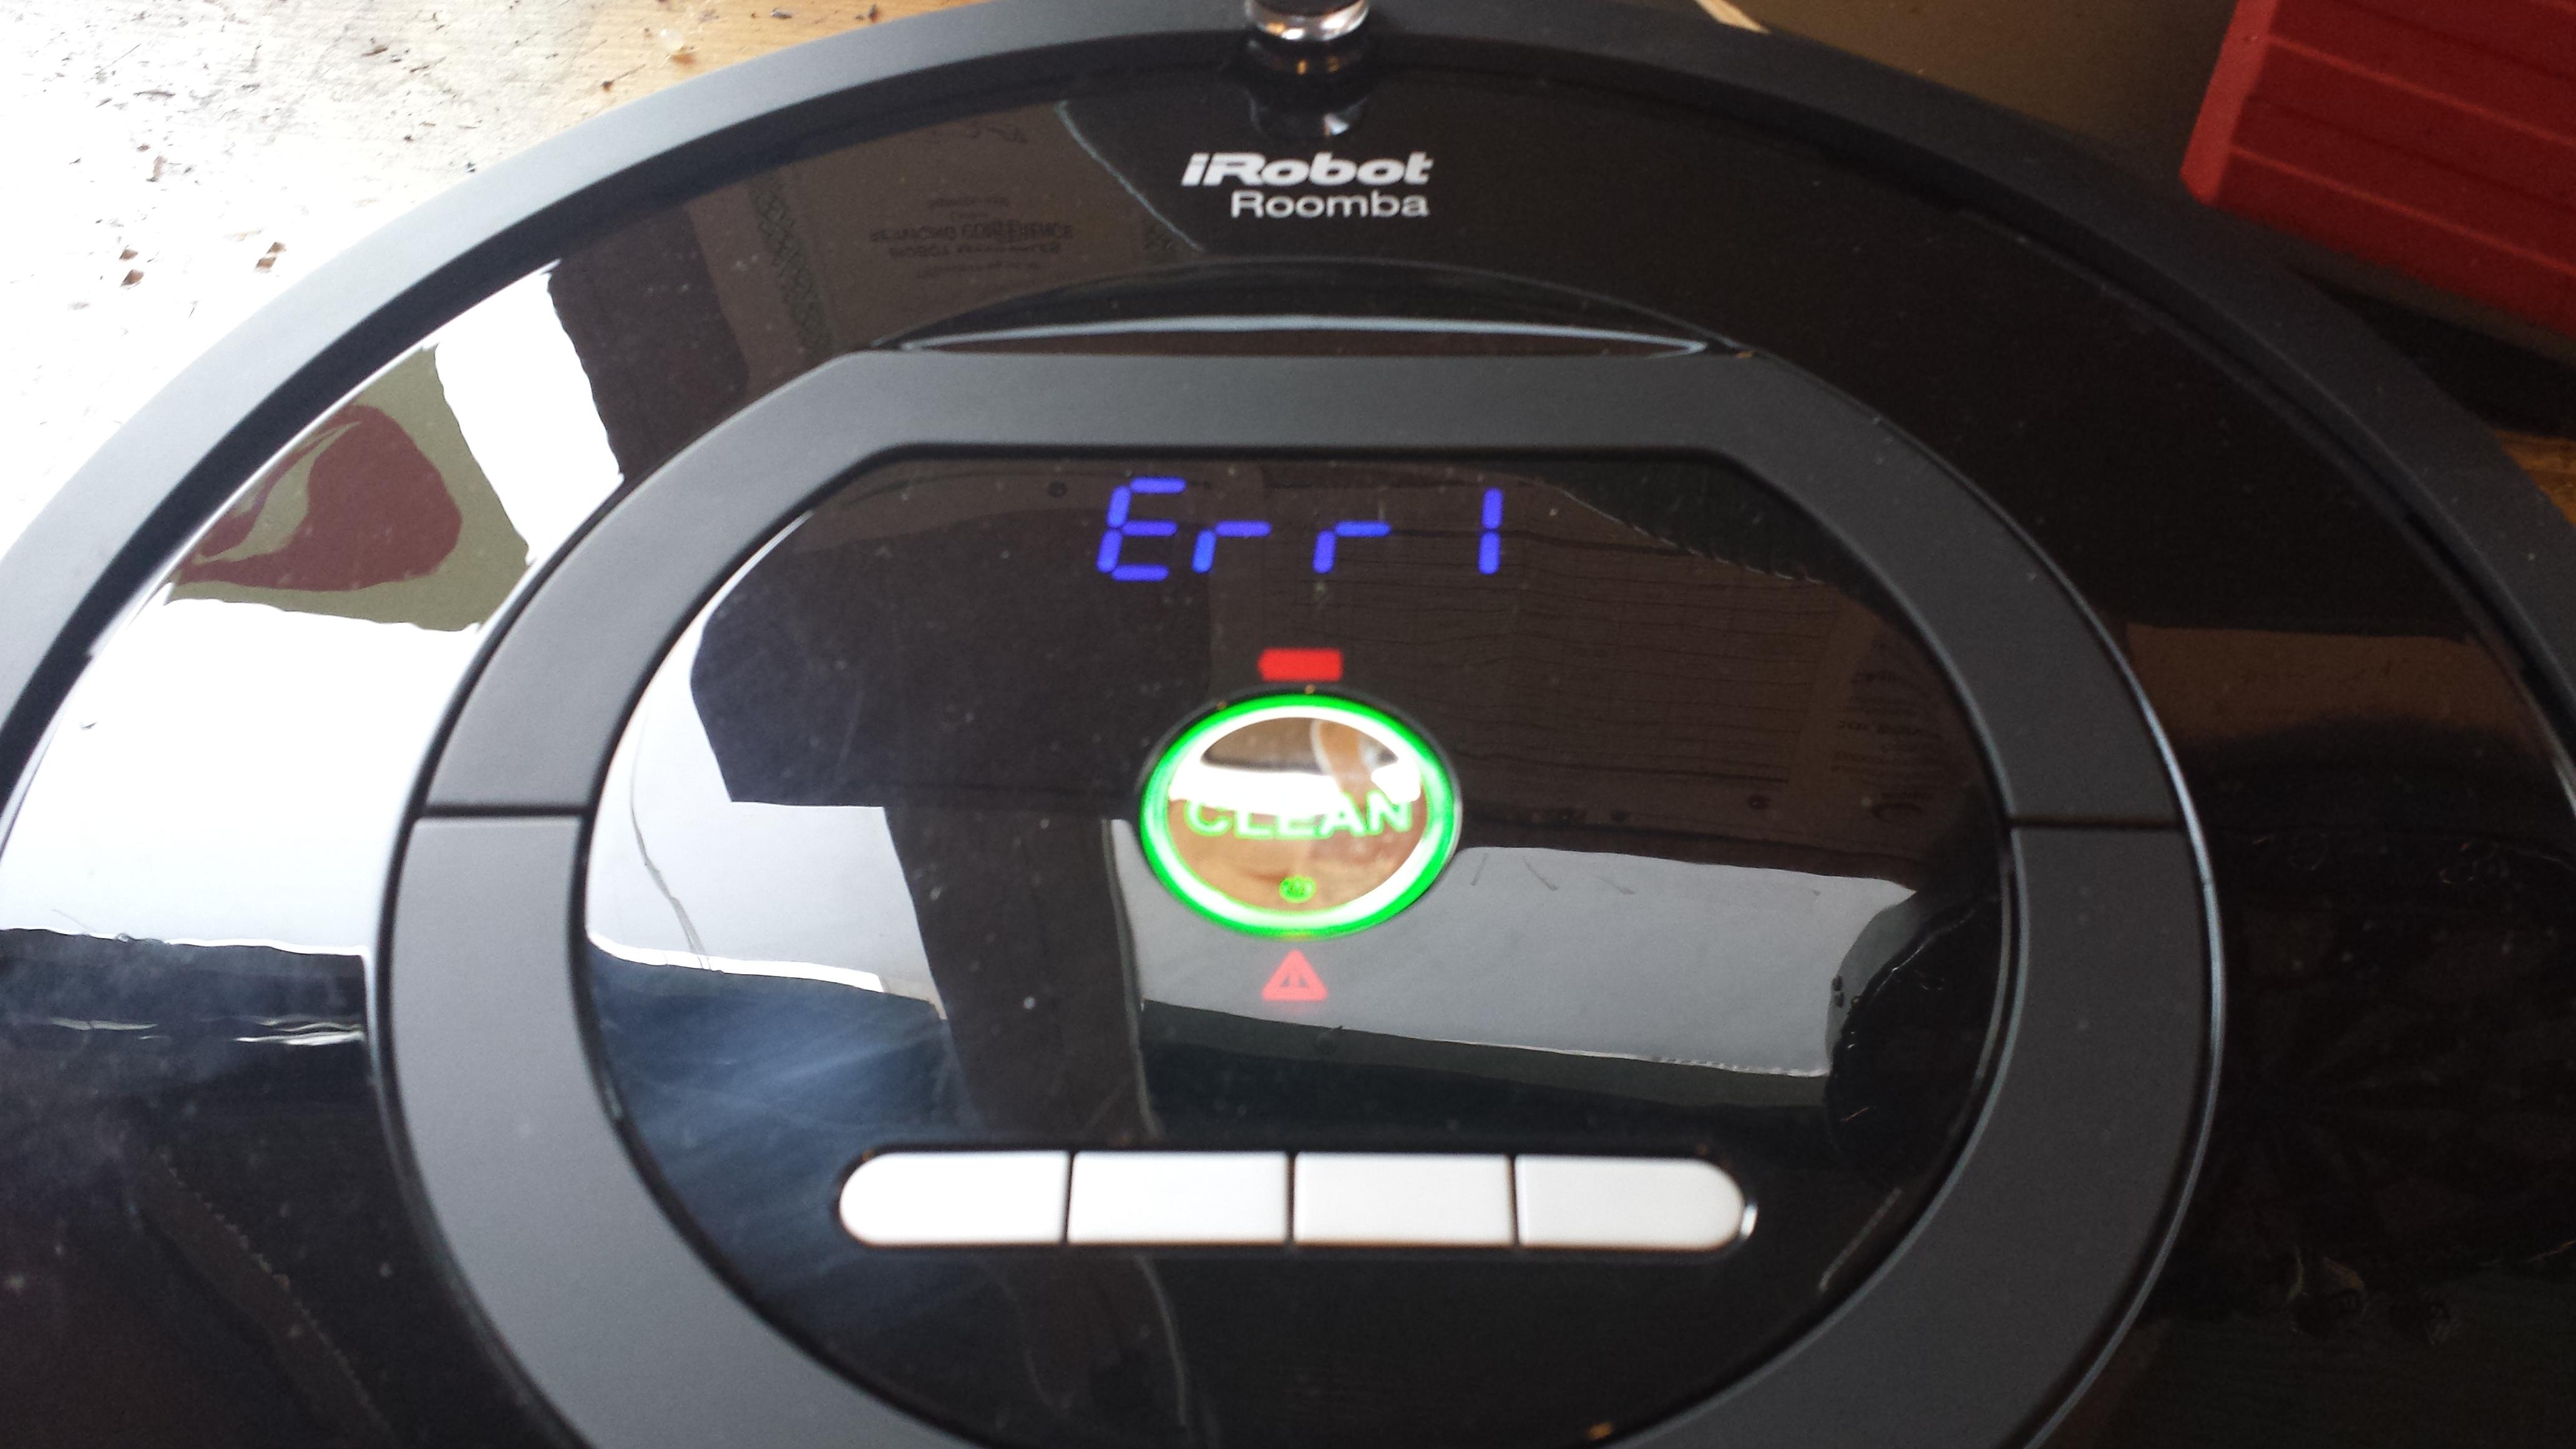 errores mas comunes de Roomba - error 5 de roomba y otros errores de carga de la bateria